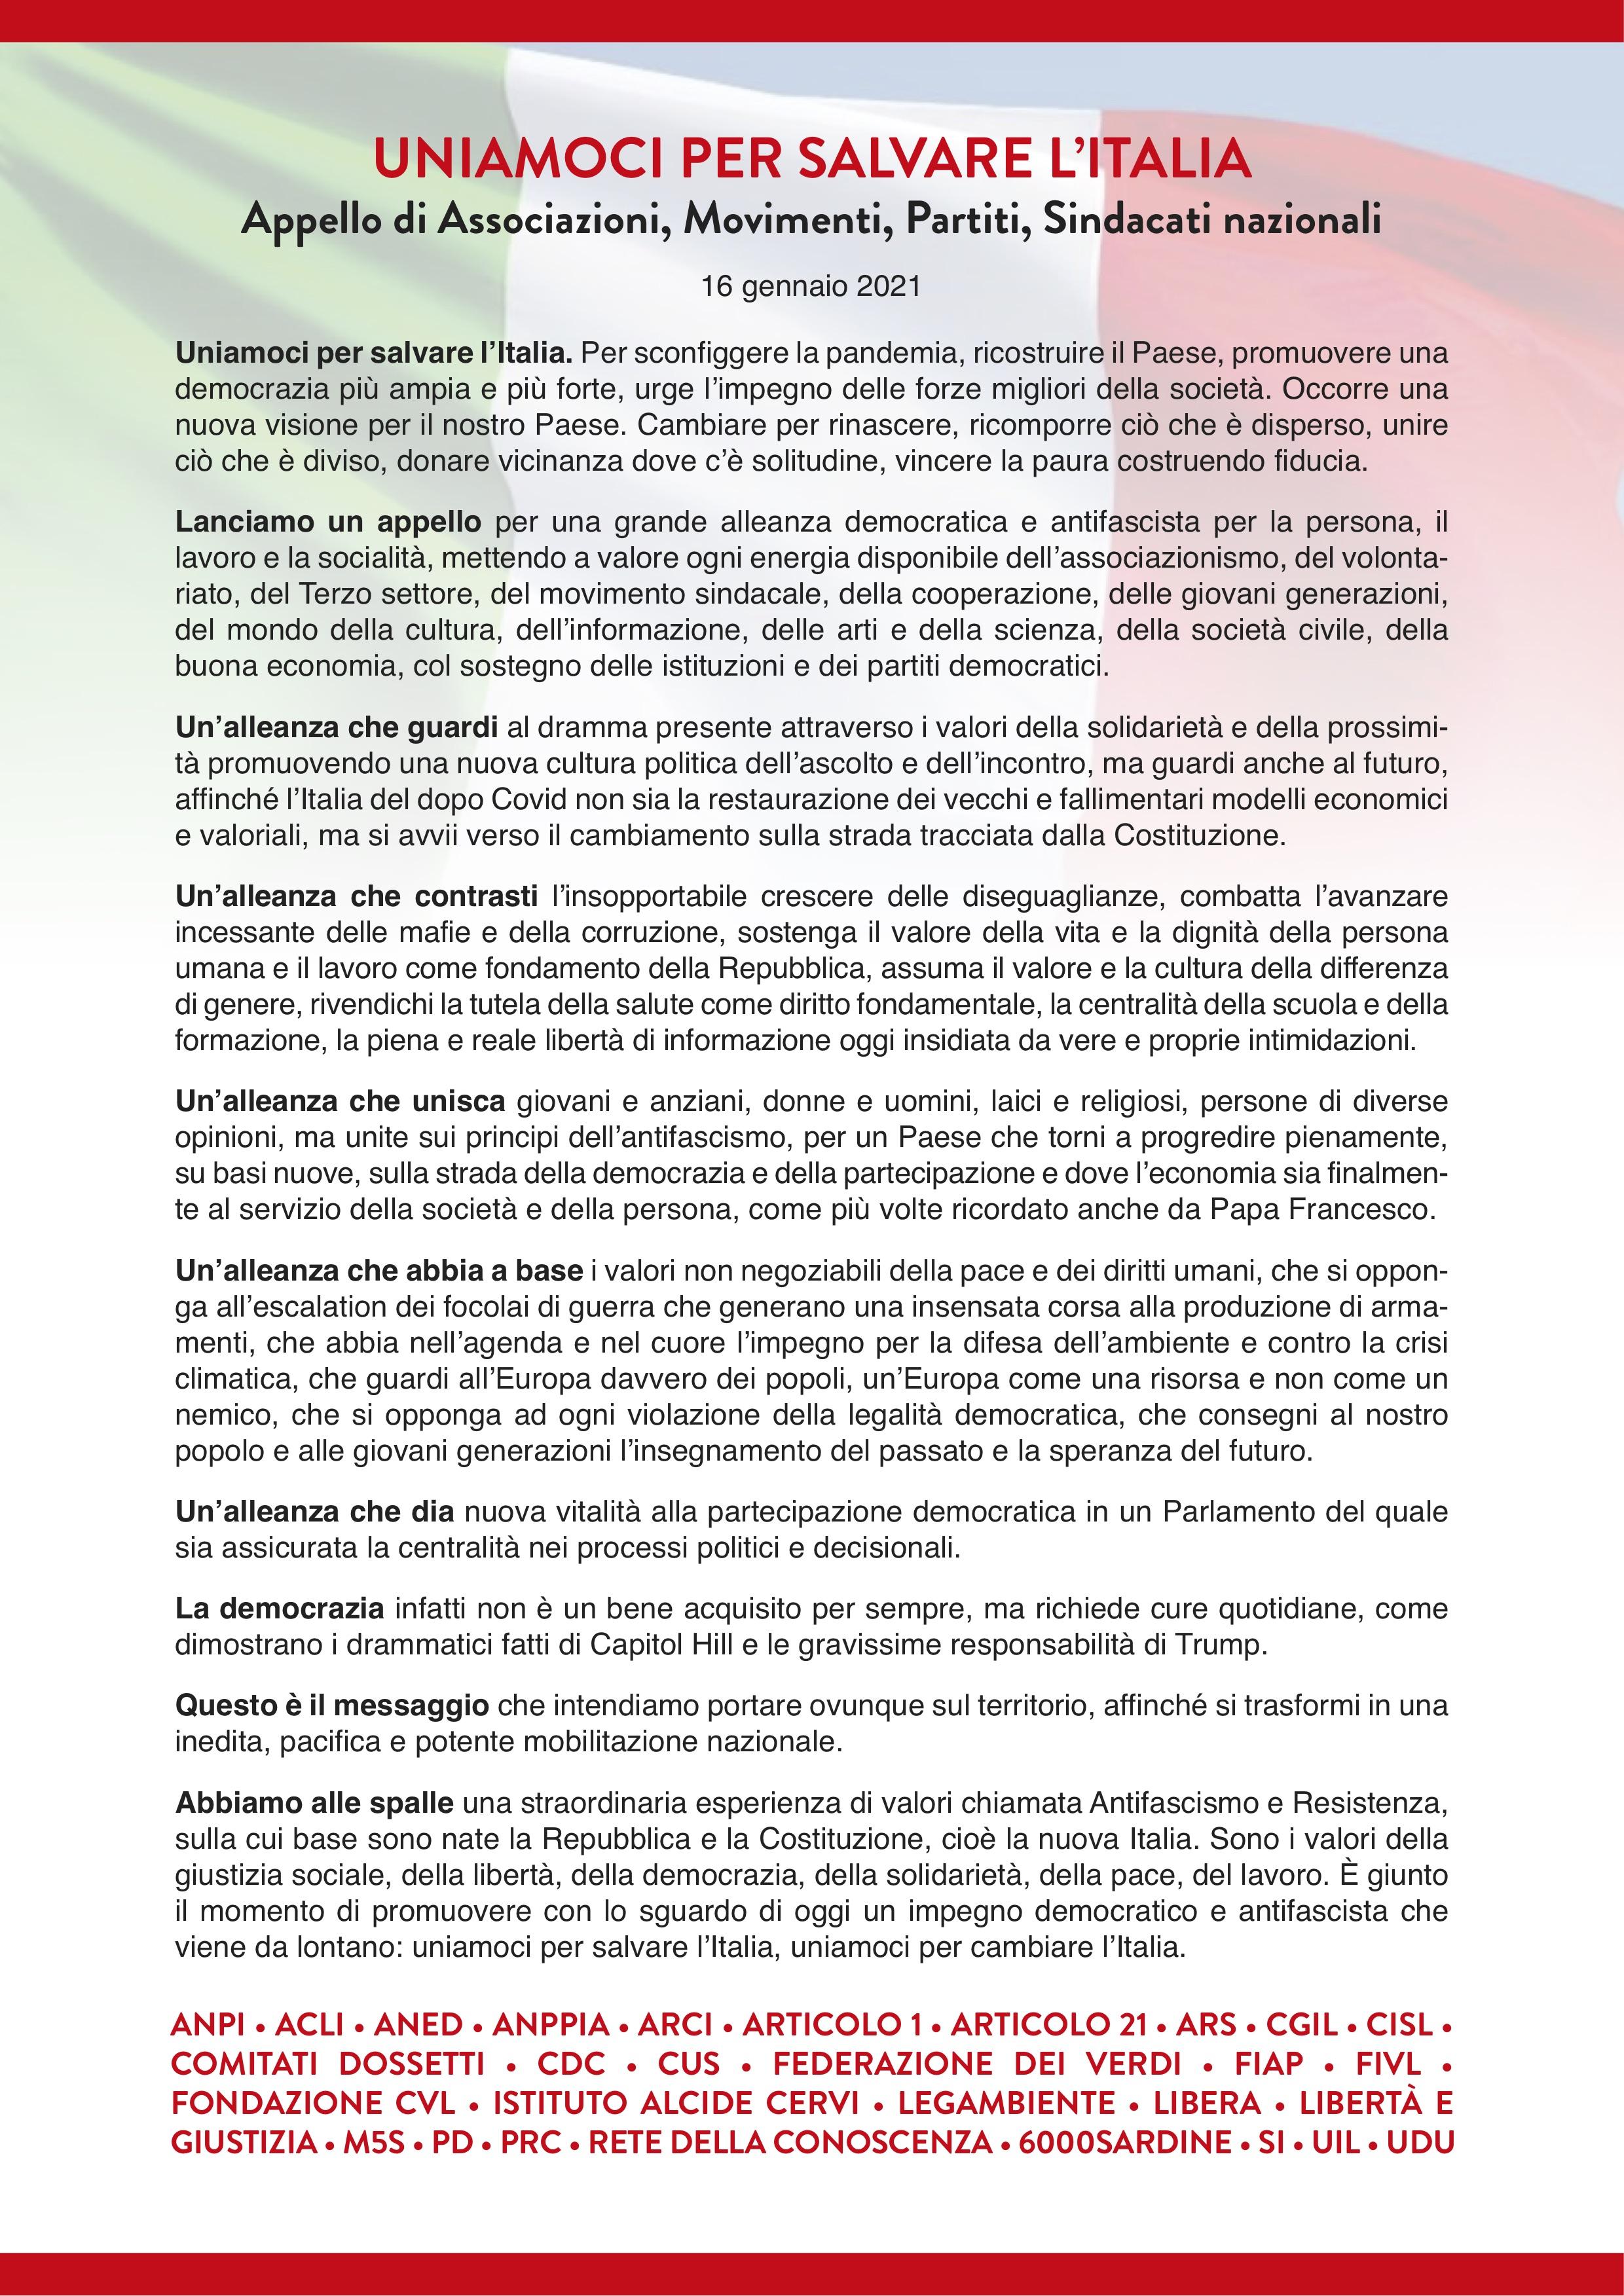 UNIAMOCI_PER_SALVARE_LITALIA